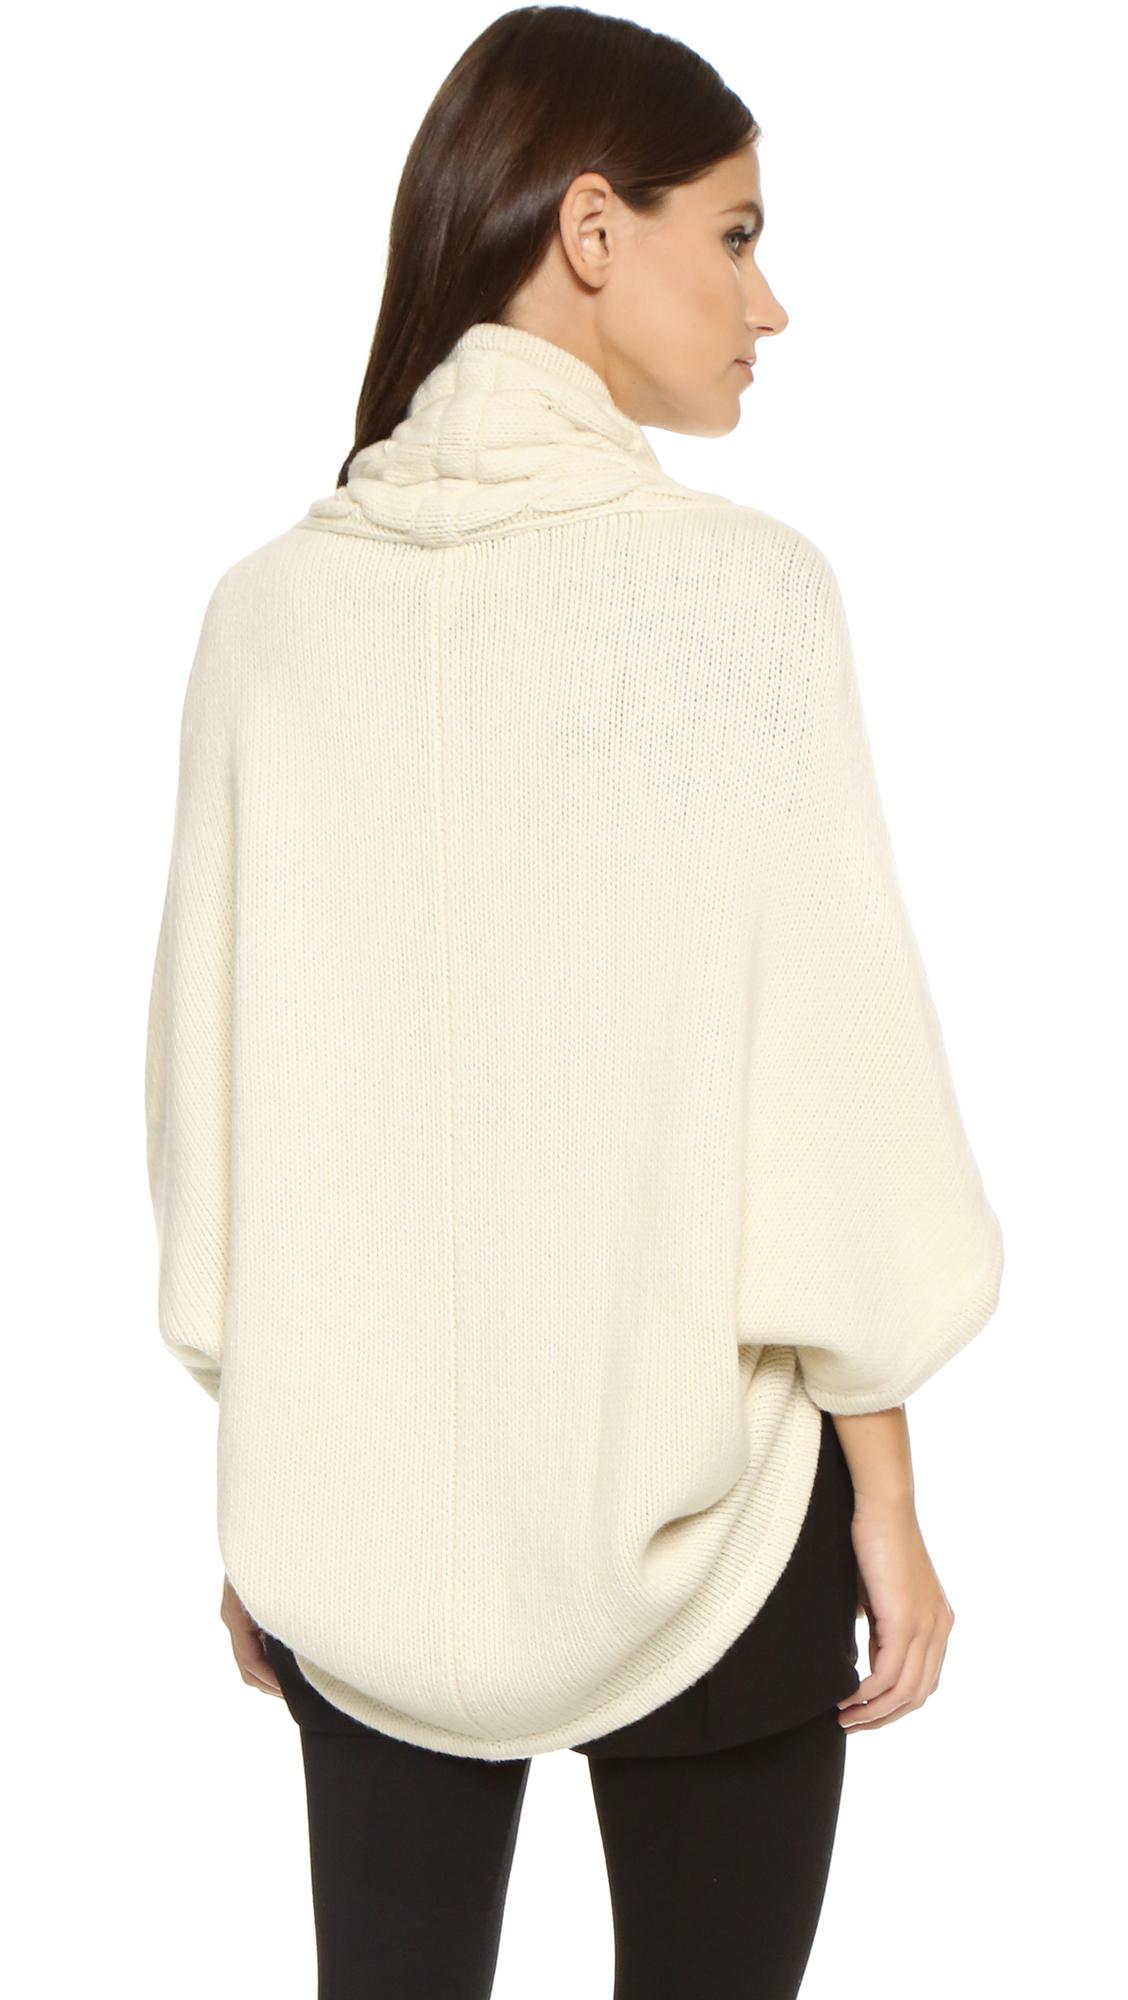 Lyst Zero Maria Cornejo Cable Knit Sweater In White